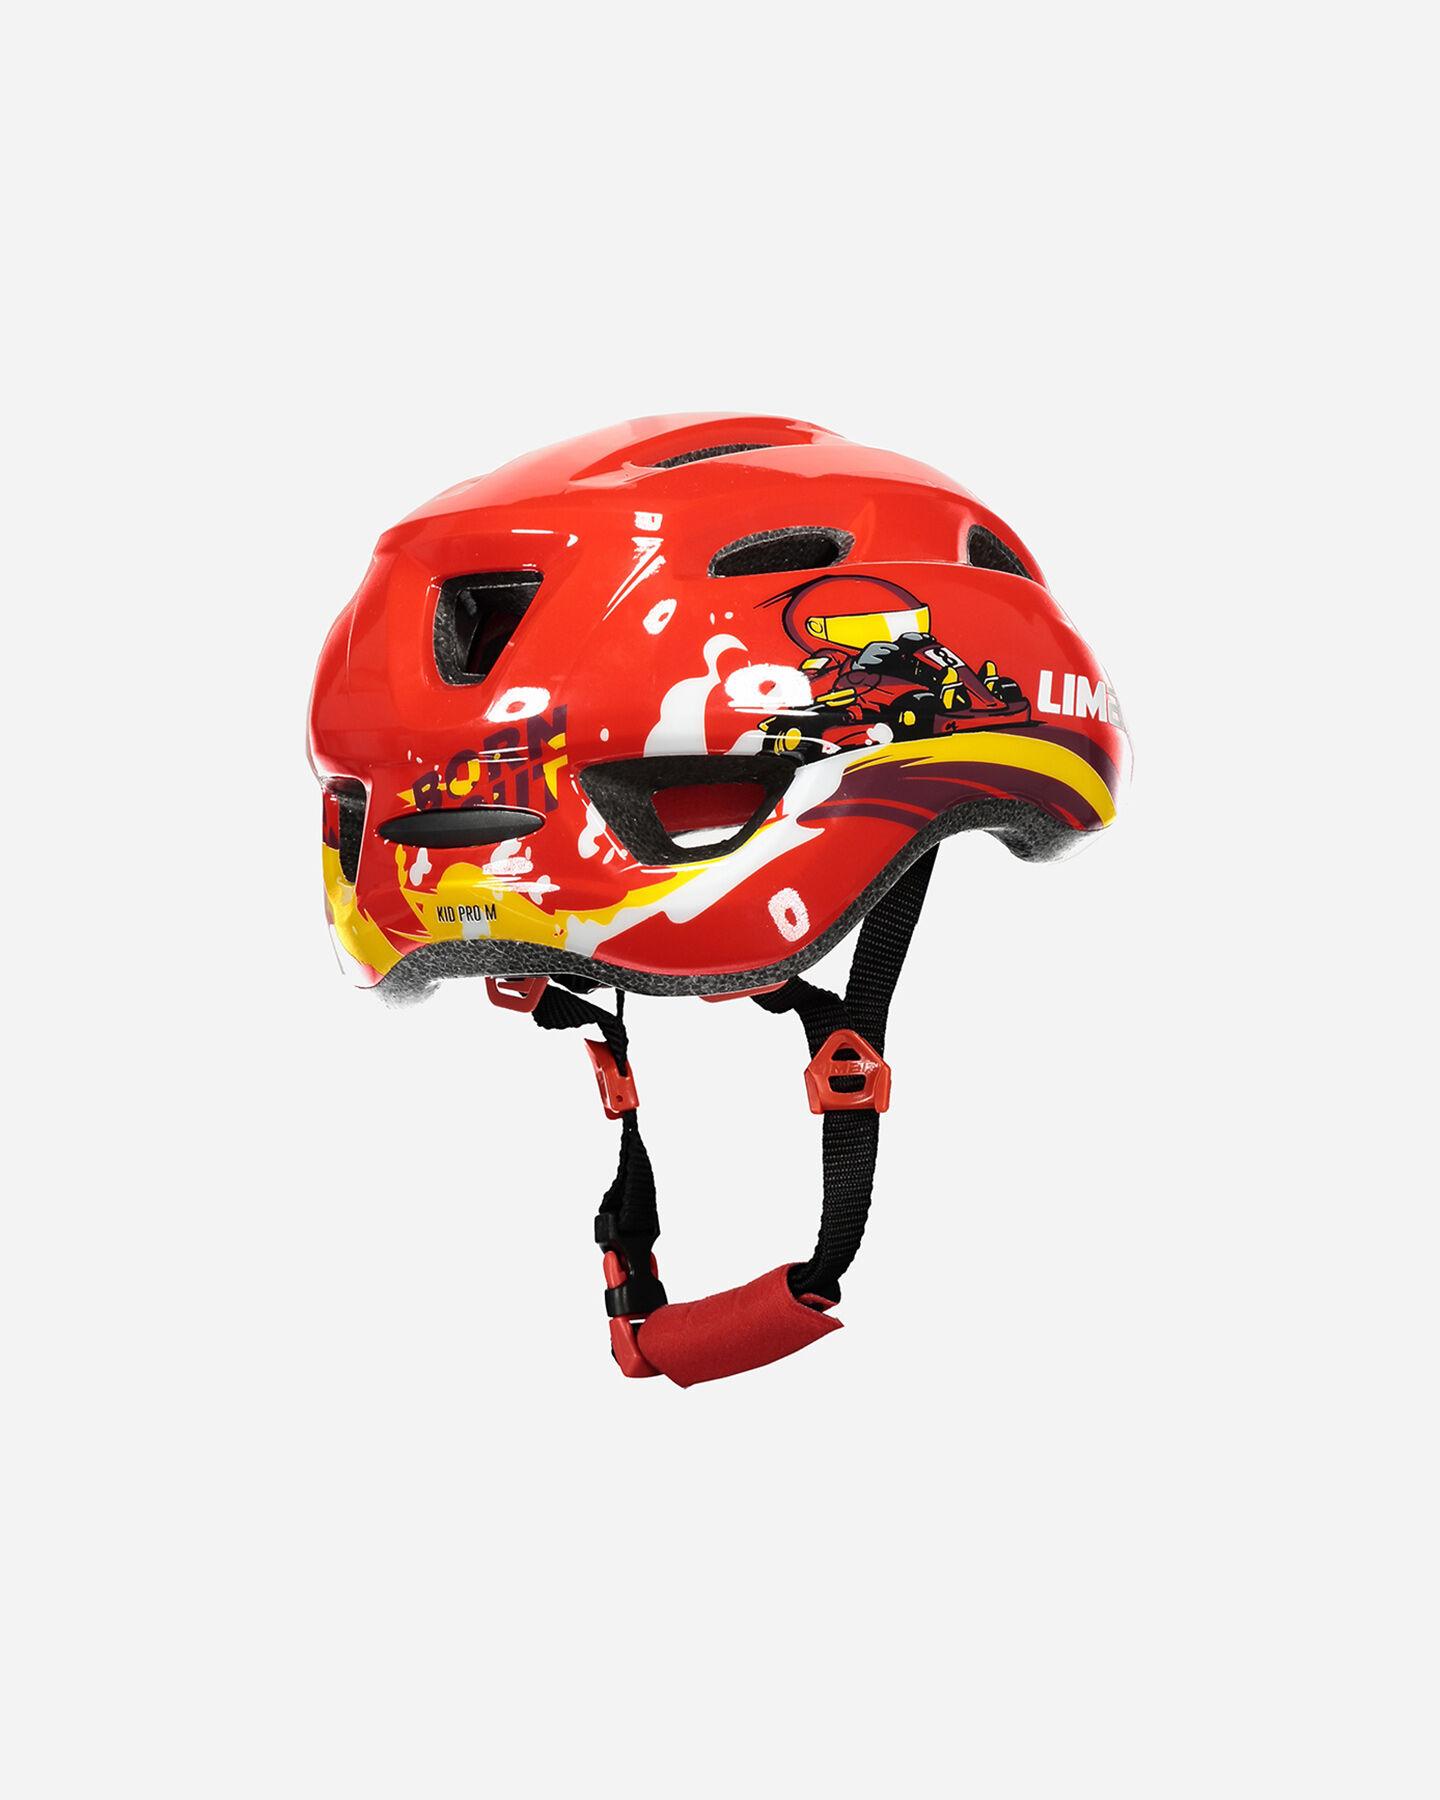 Casco bici LIMAR RACE JR S4078253 1 UNI scatto 1